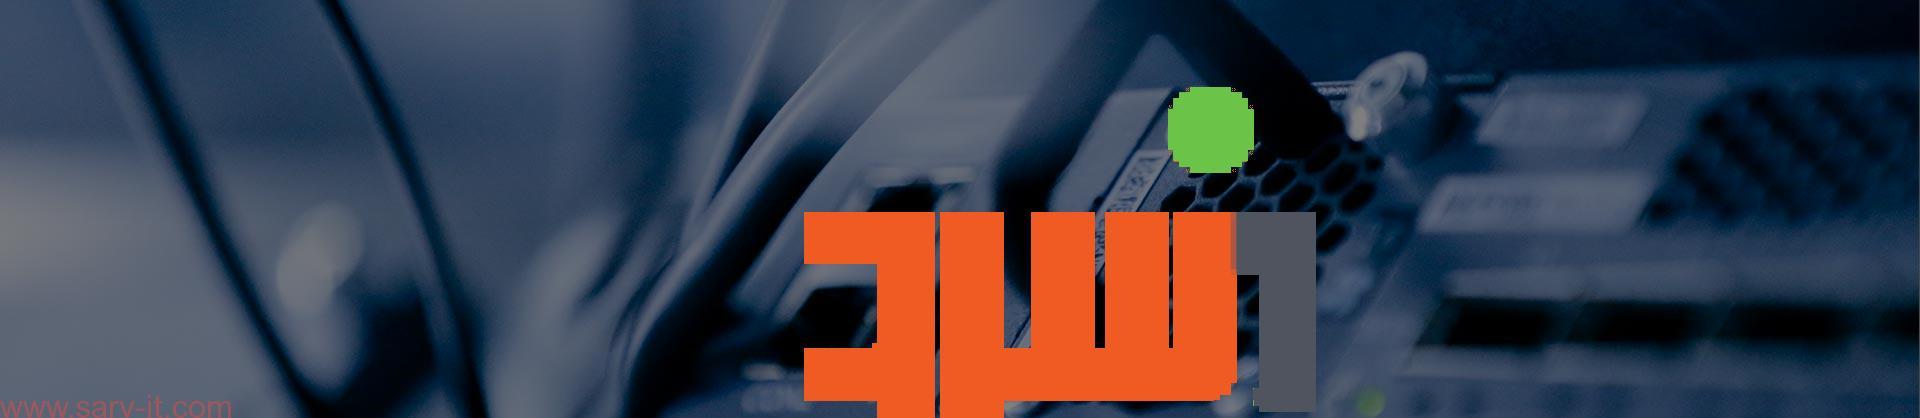 سرور اختصاصی هتزنر سری SX